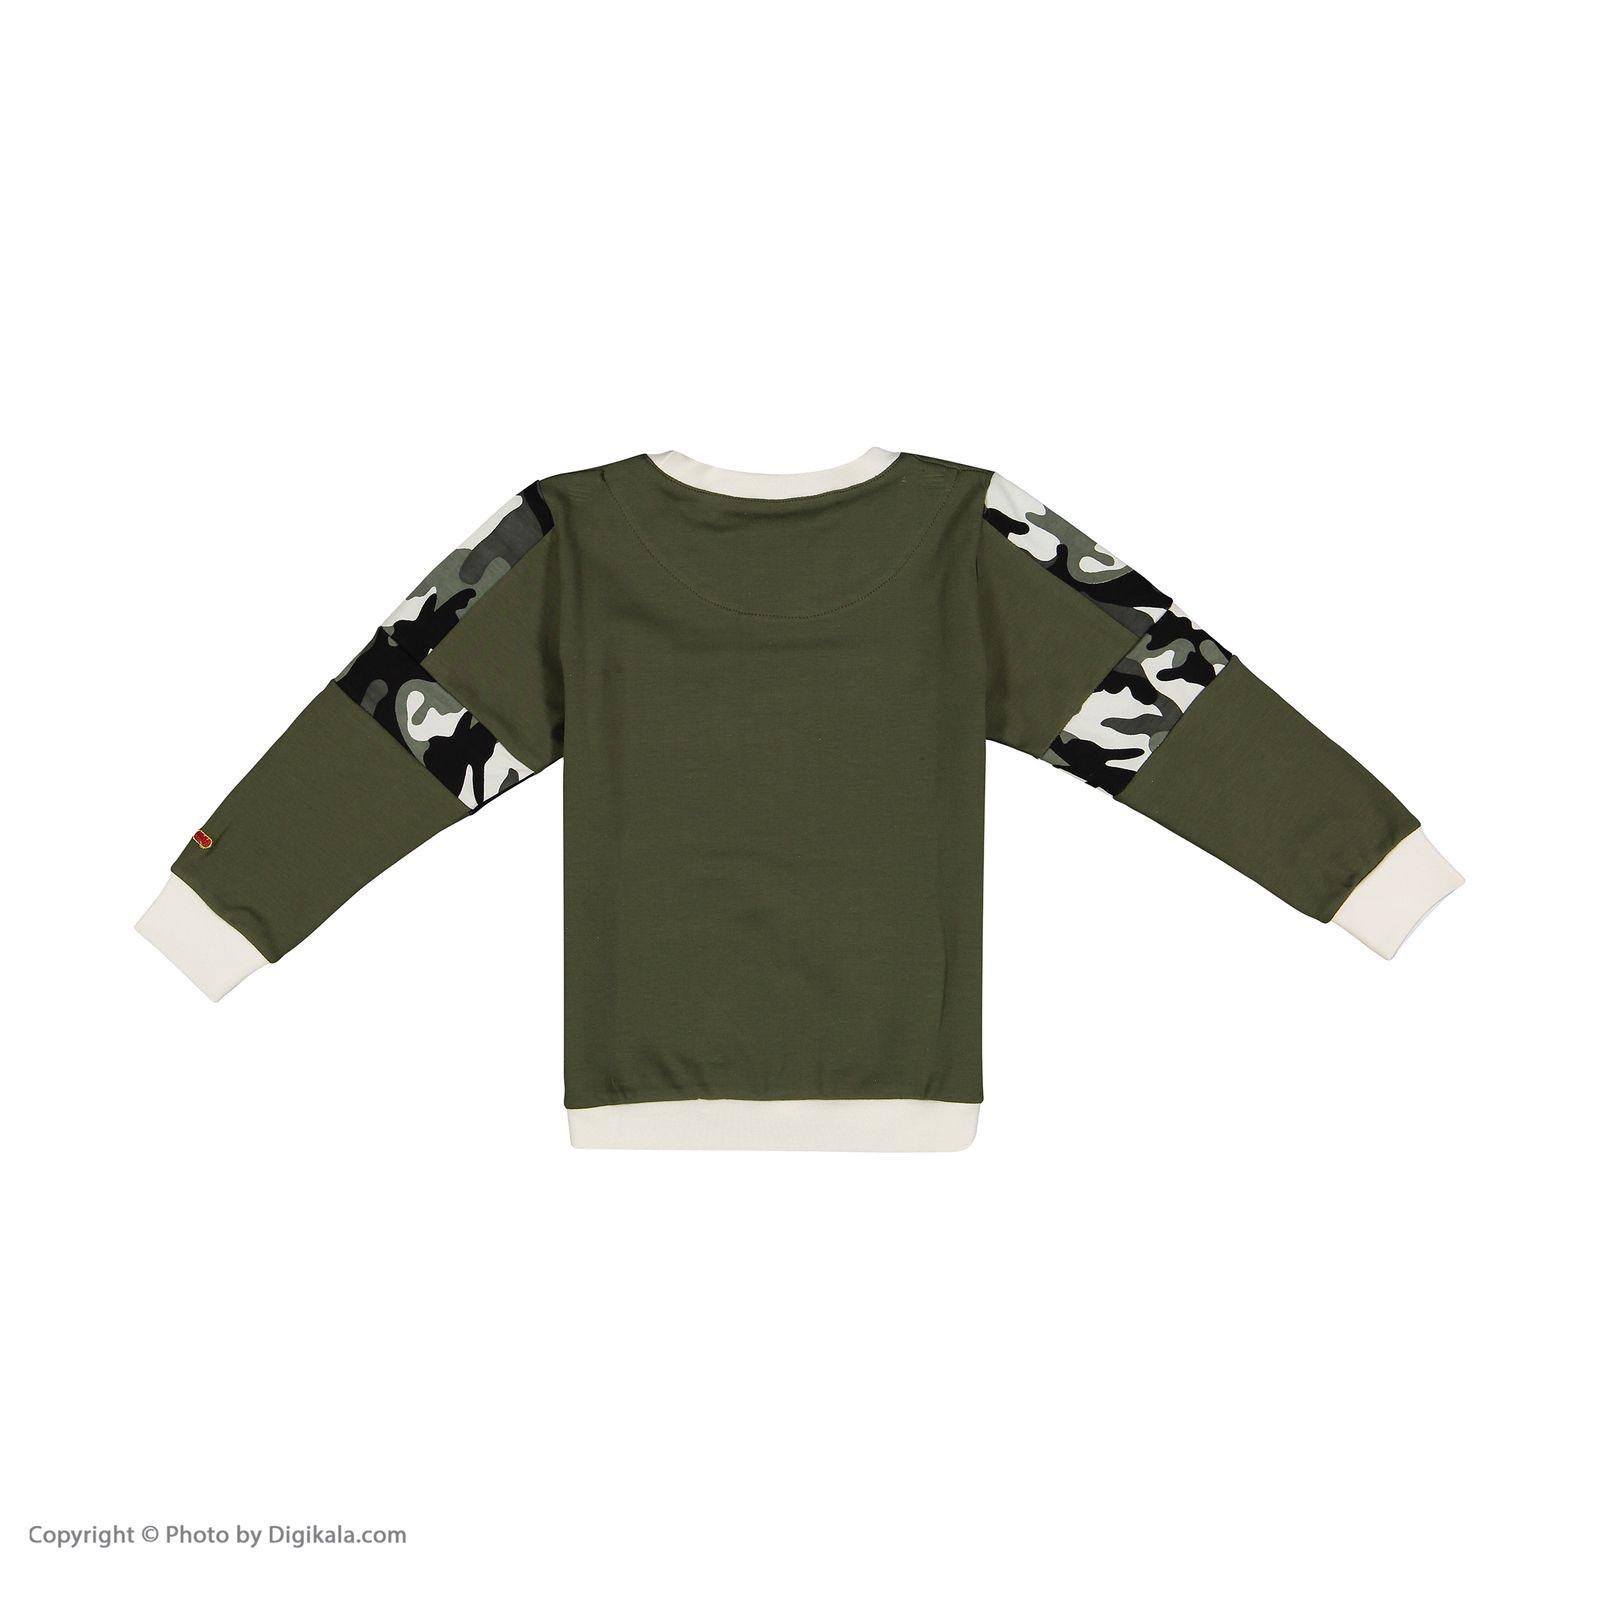 ست تی شرت و شلوار پسرانه مادر مدل 310-49 main 1 3